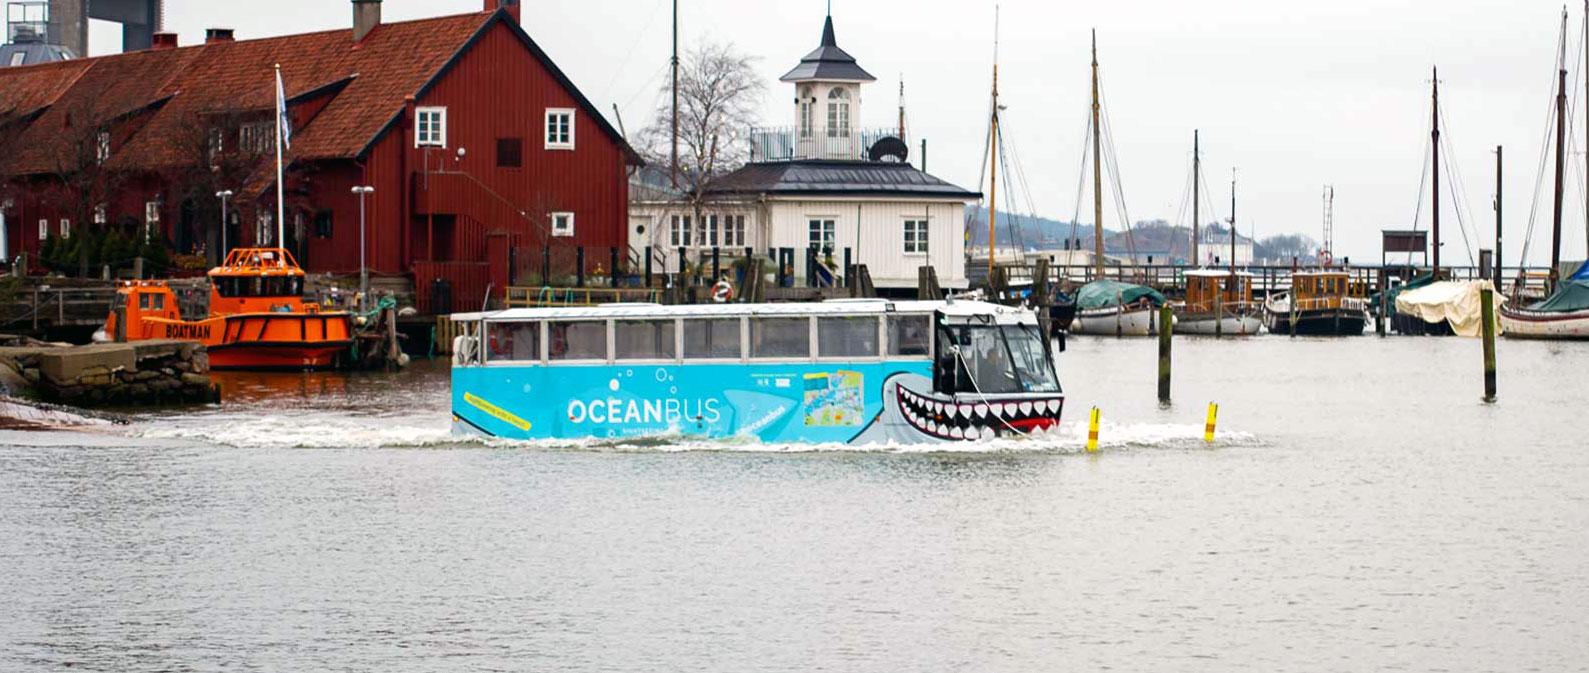 Oceanbus Göteborg